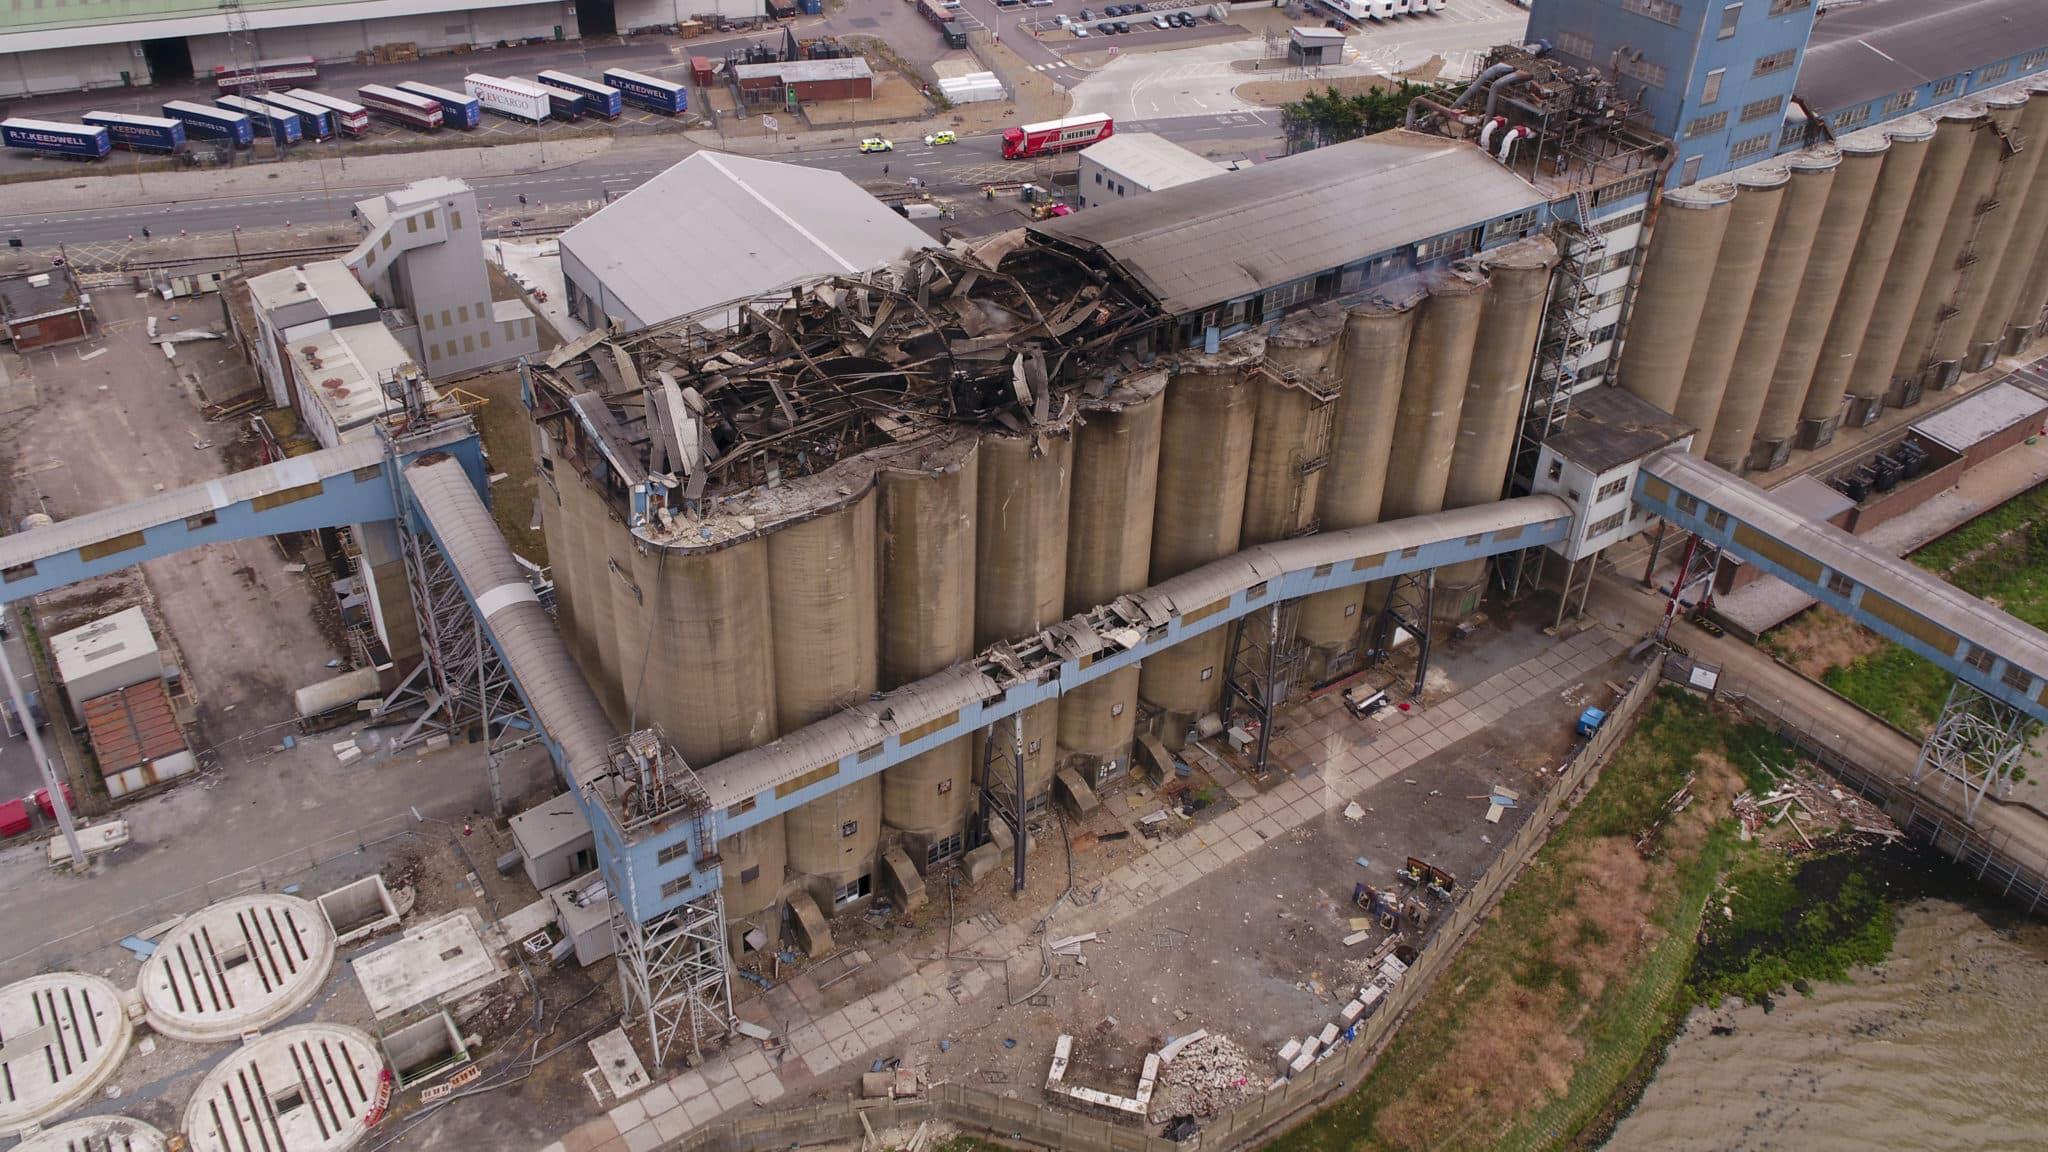 Port of Tilbury Grain Store Explosion